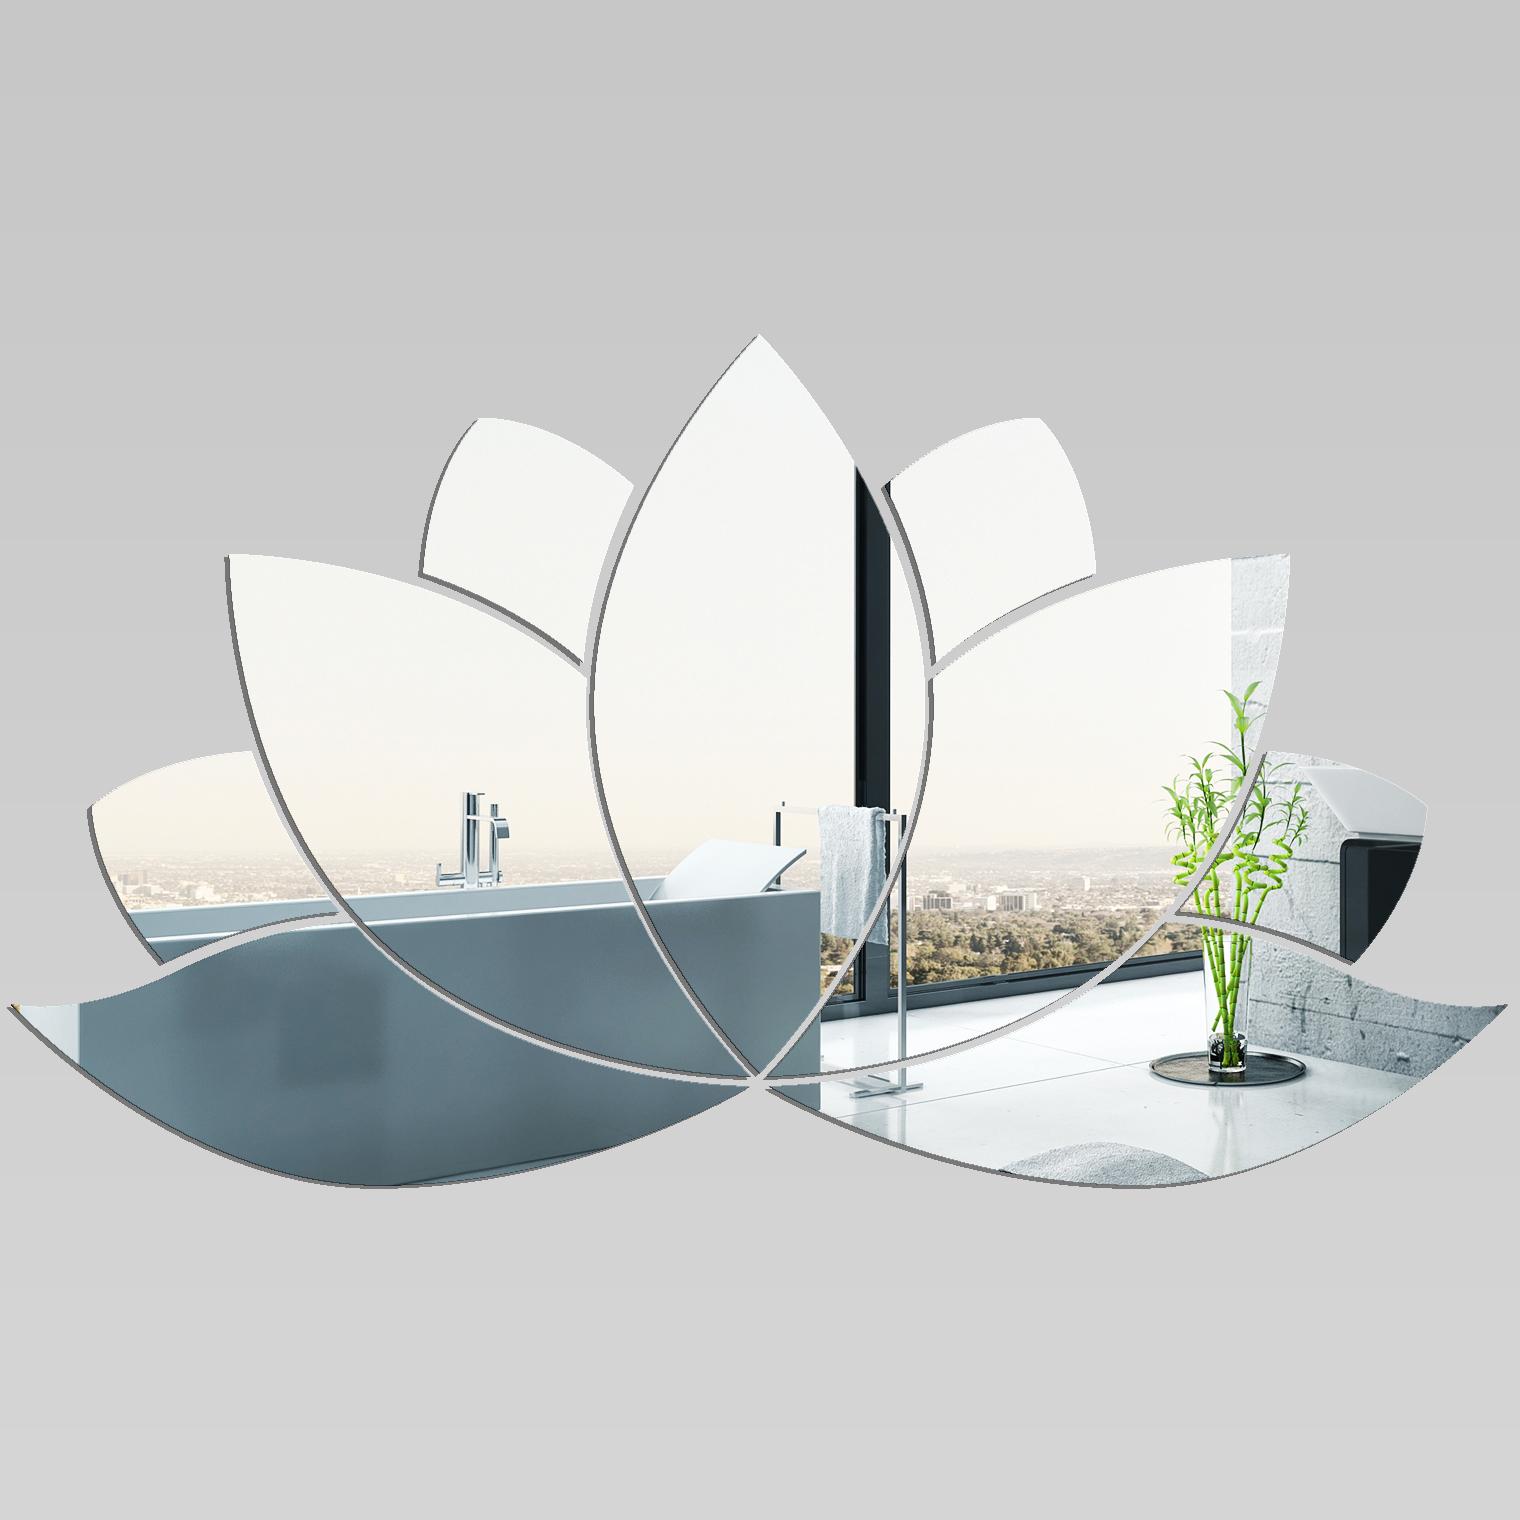 miroir plexiglass acrylique n nuphar 1 pas cher. Black Bedroom Furniture Sets. Home Design Ideas